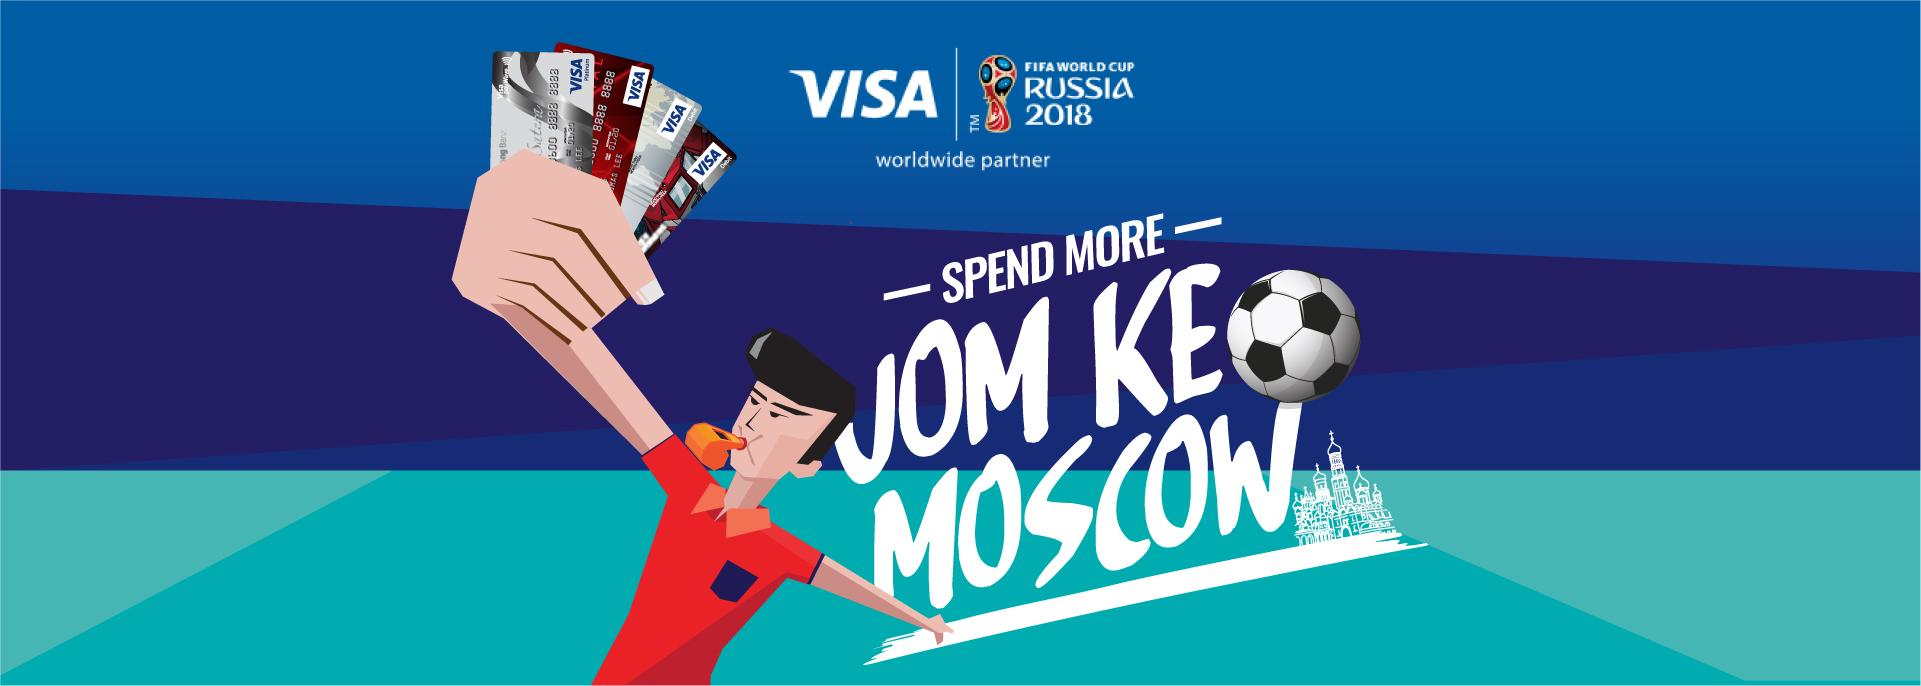 Visa:2018年世界杯期间有五分之一的消费是使用非接触式支付技术